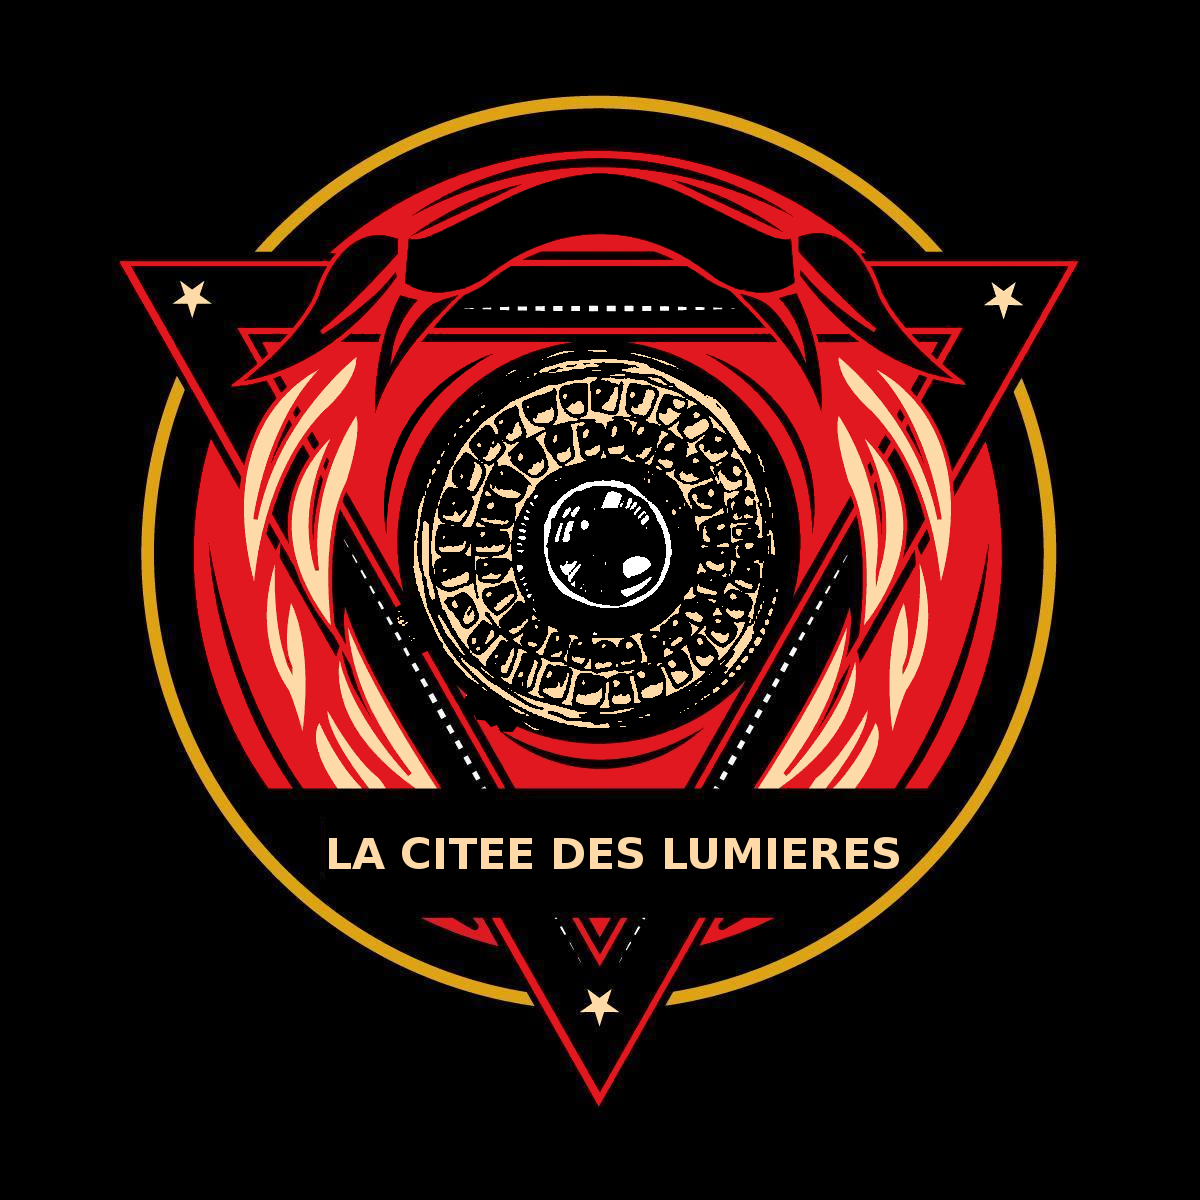 La Citée des Lumières Logo12